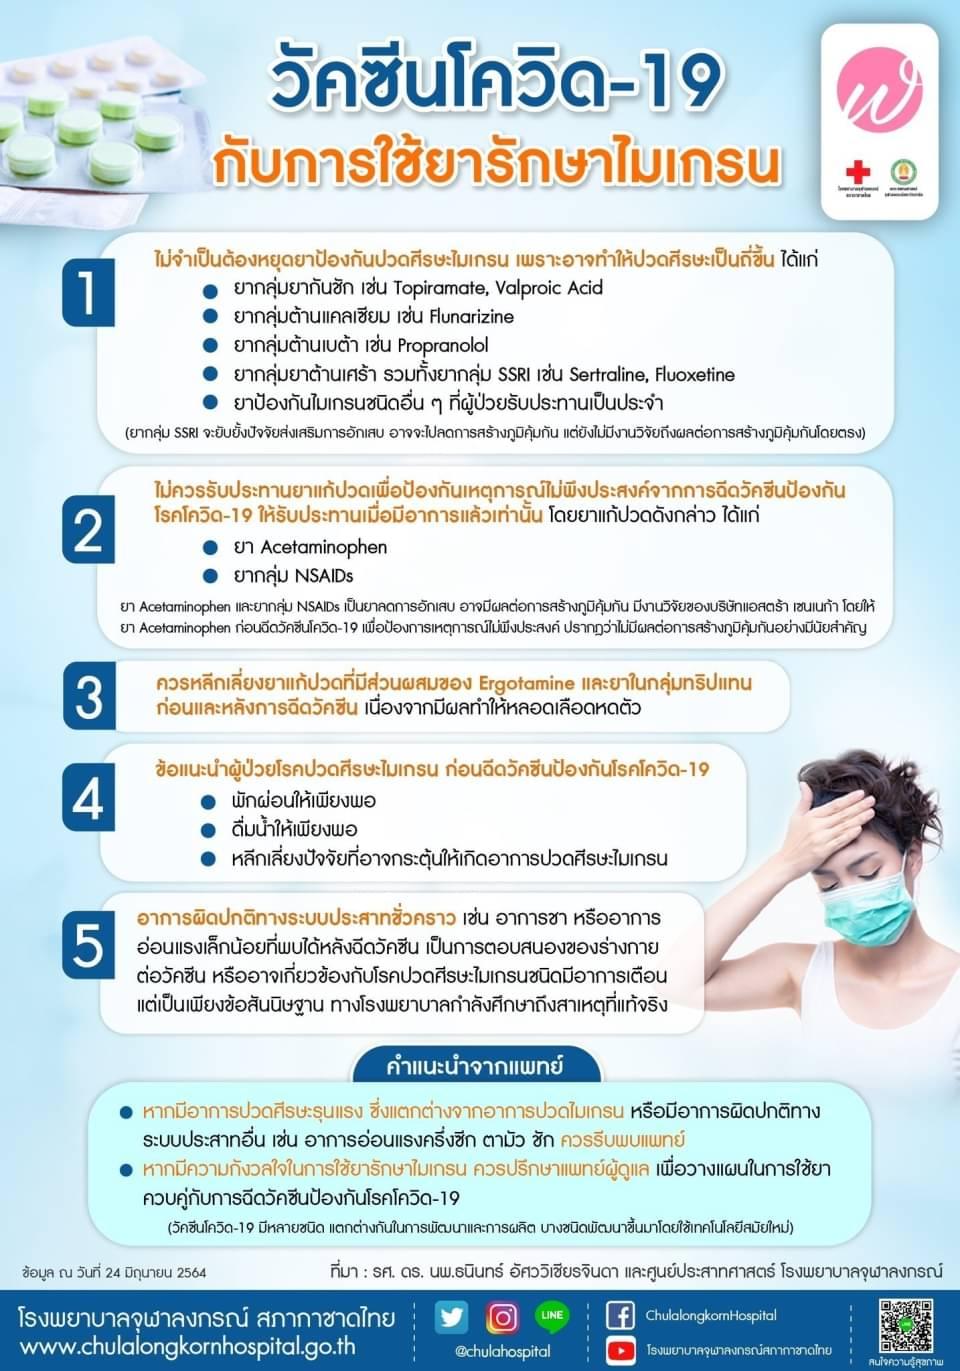 วัคซีนโควิด-19 กับการใช้ยารักษาไมเกรน